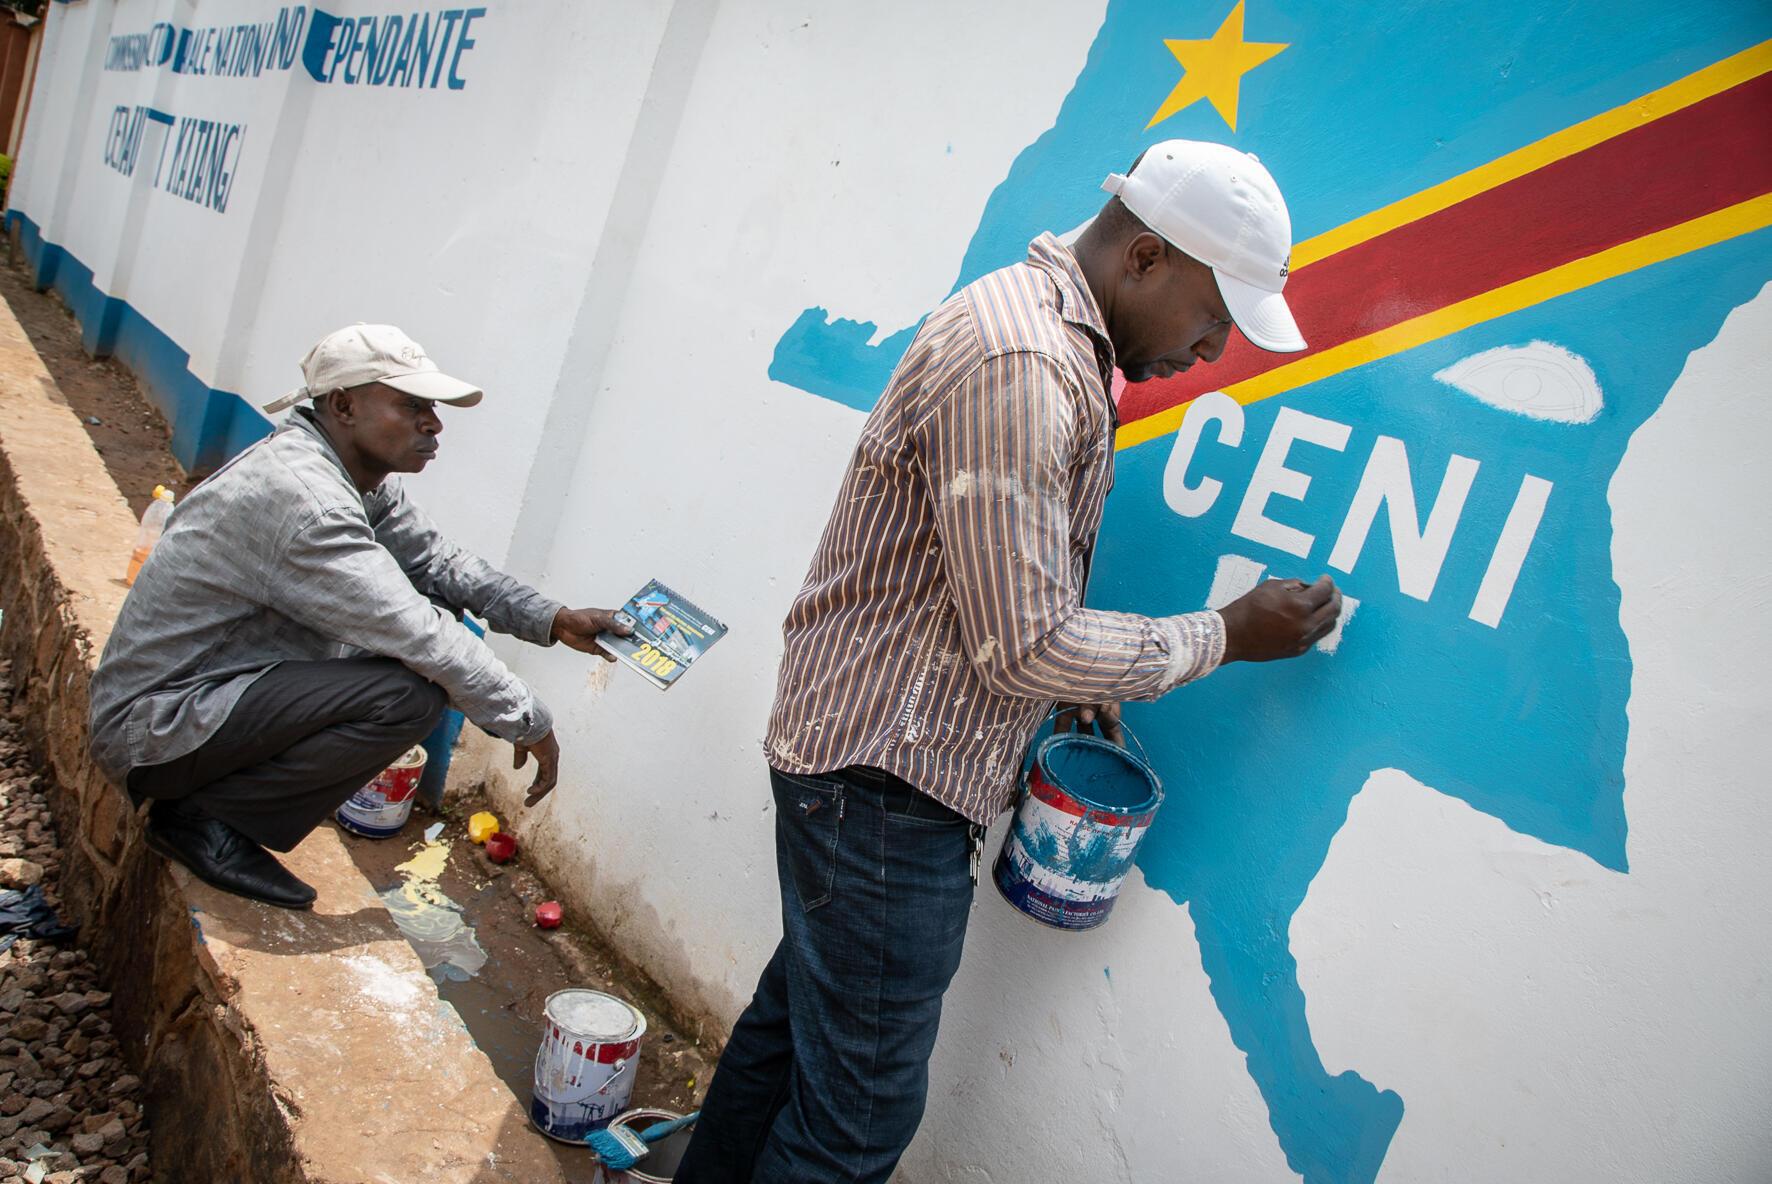 Mjadala kuhusu viongozi wapya wa CENI wagongwa vichwa vya habari DRC.